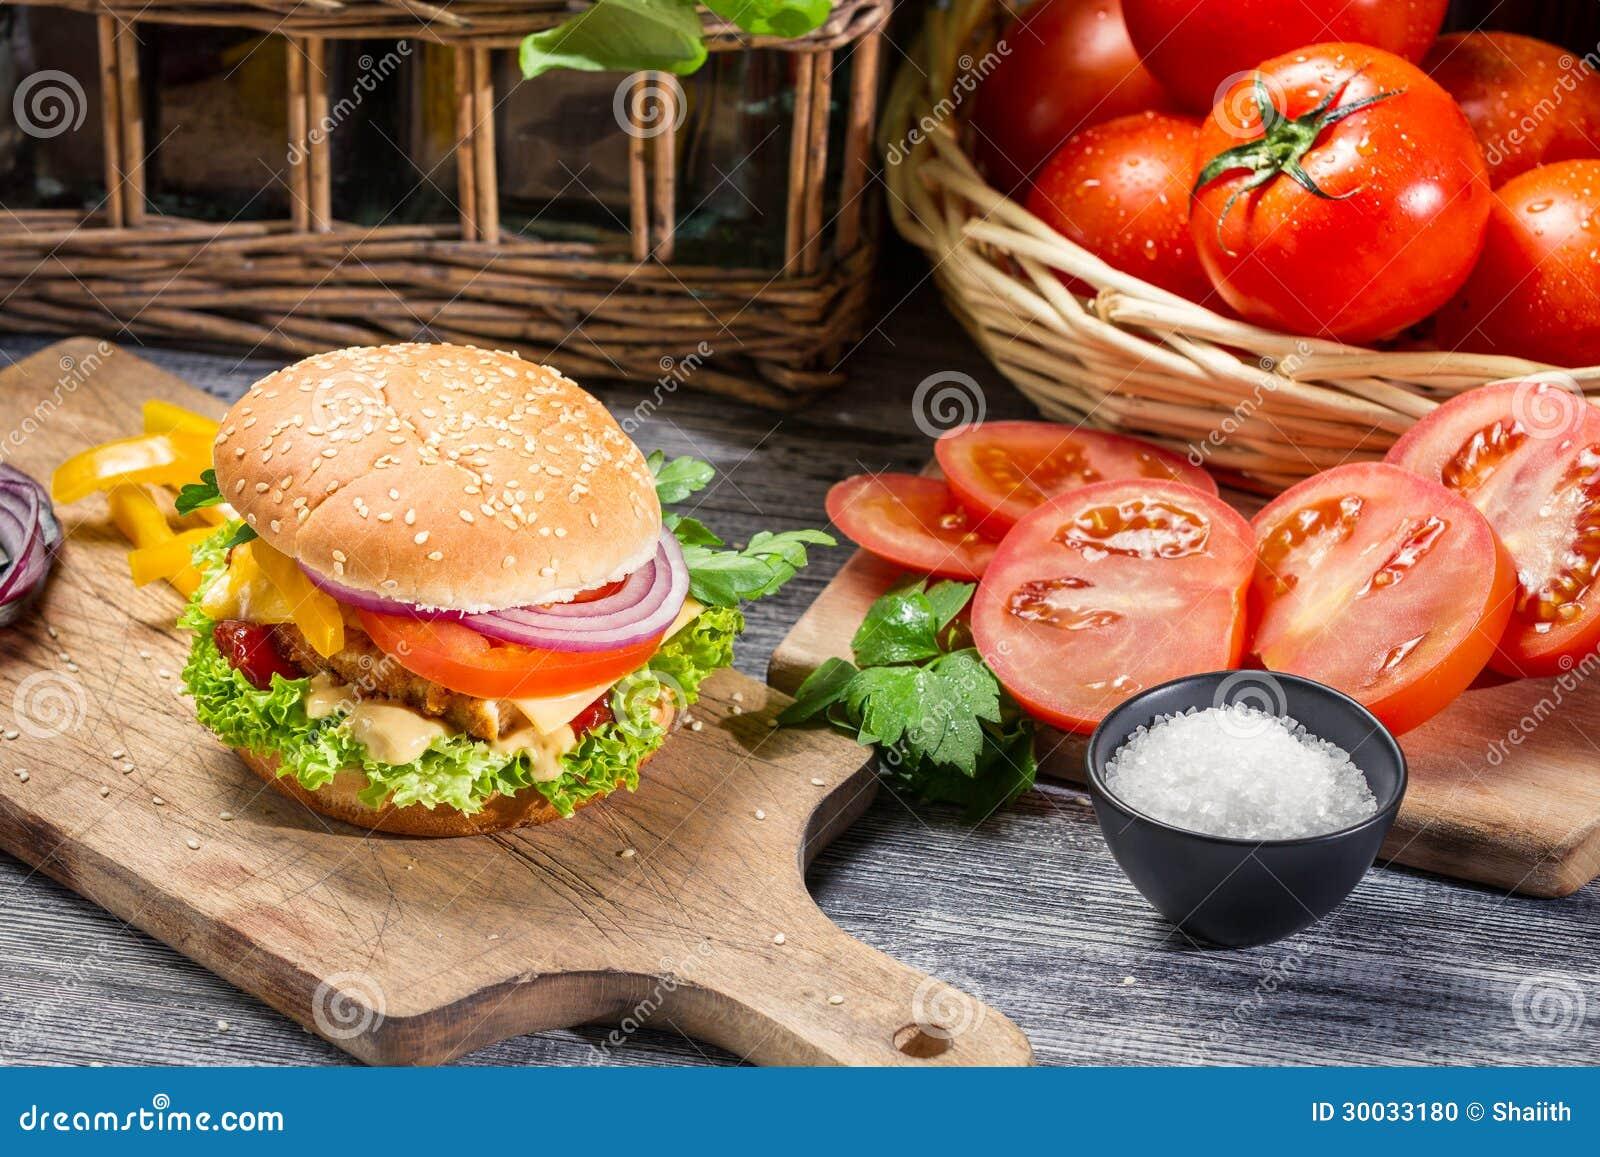 Hamburger fait maison avec le poulet et les l gumes frais photo stock image - Frais sur achat maison ...